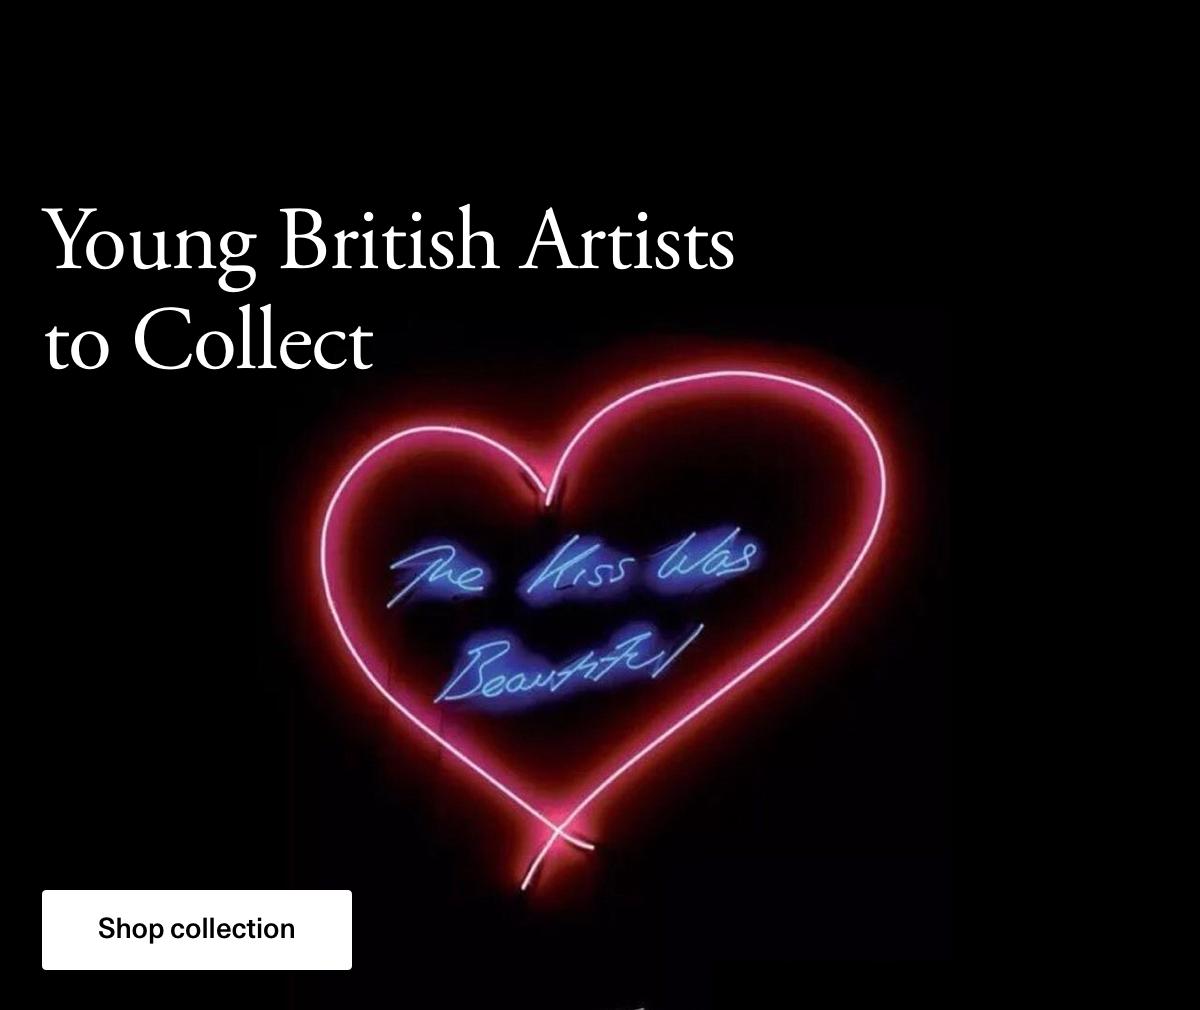 Jovens artistas britânicos para coletar